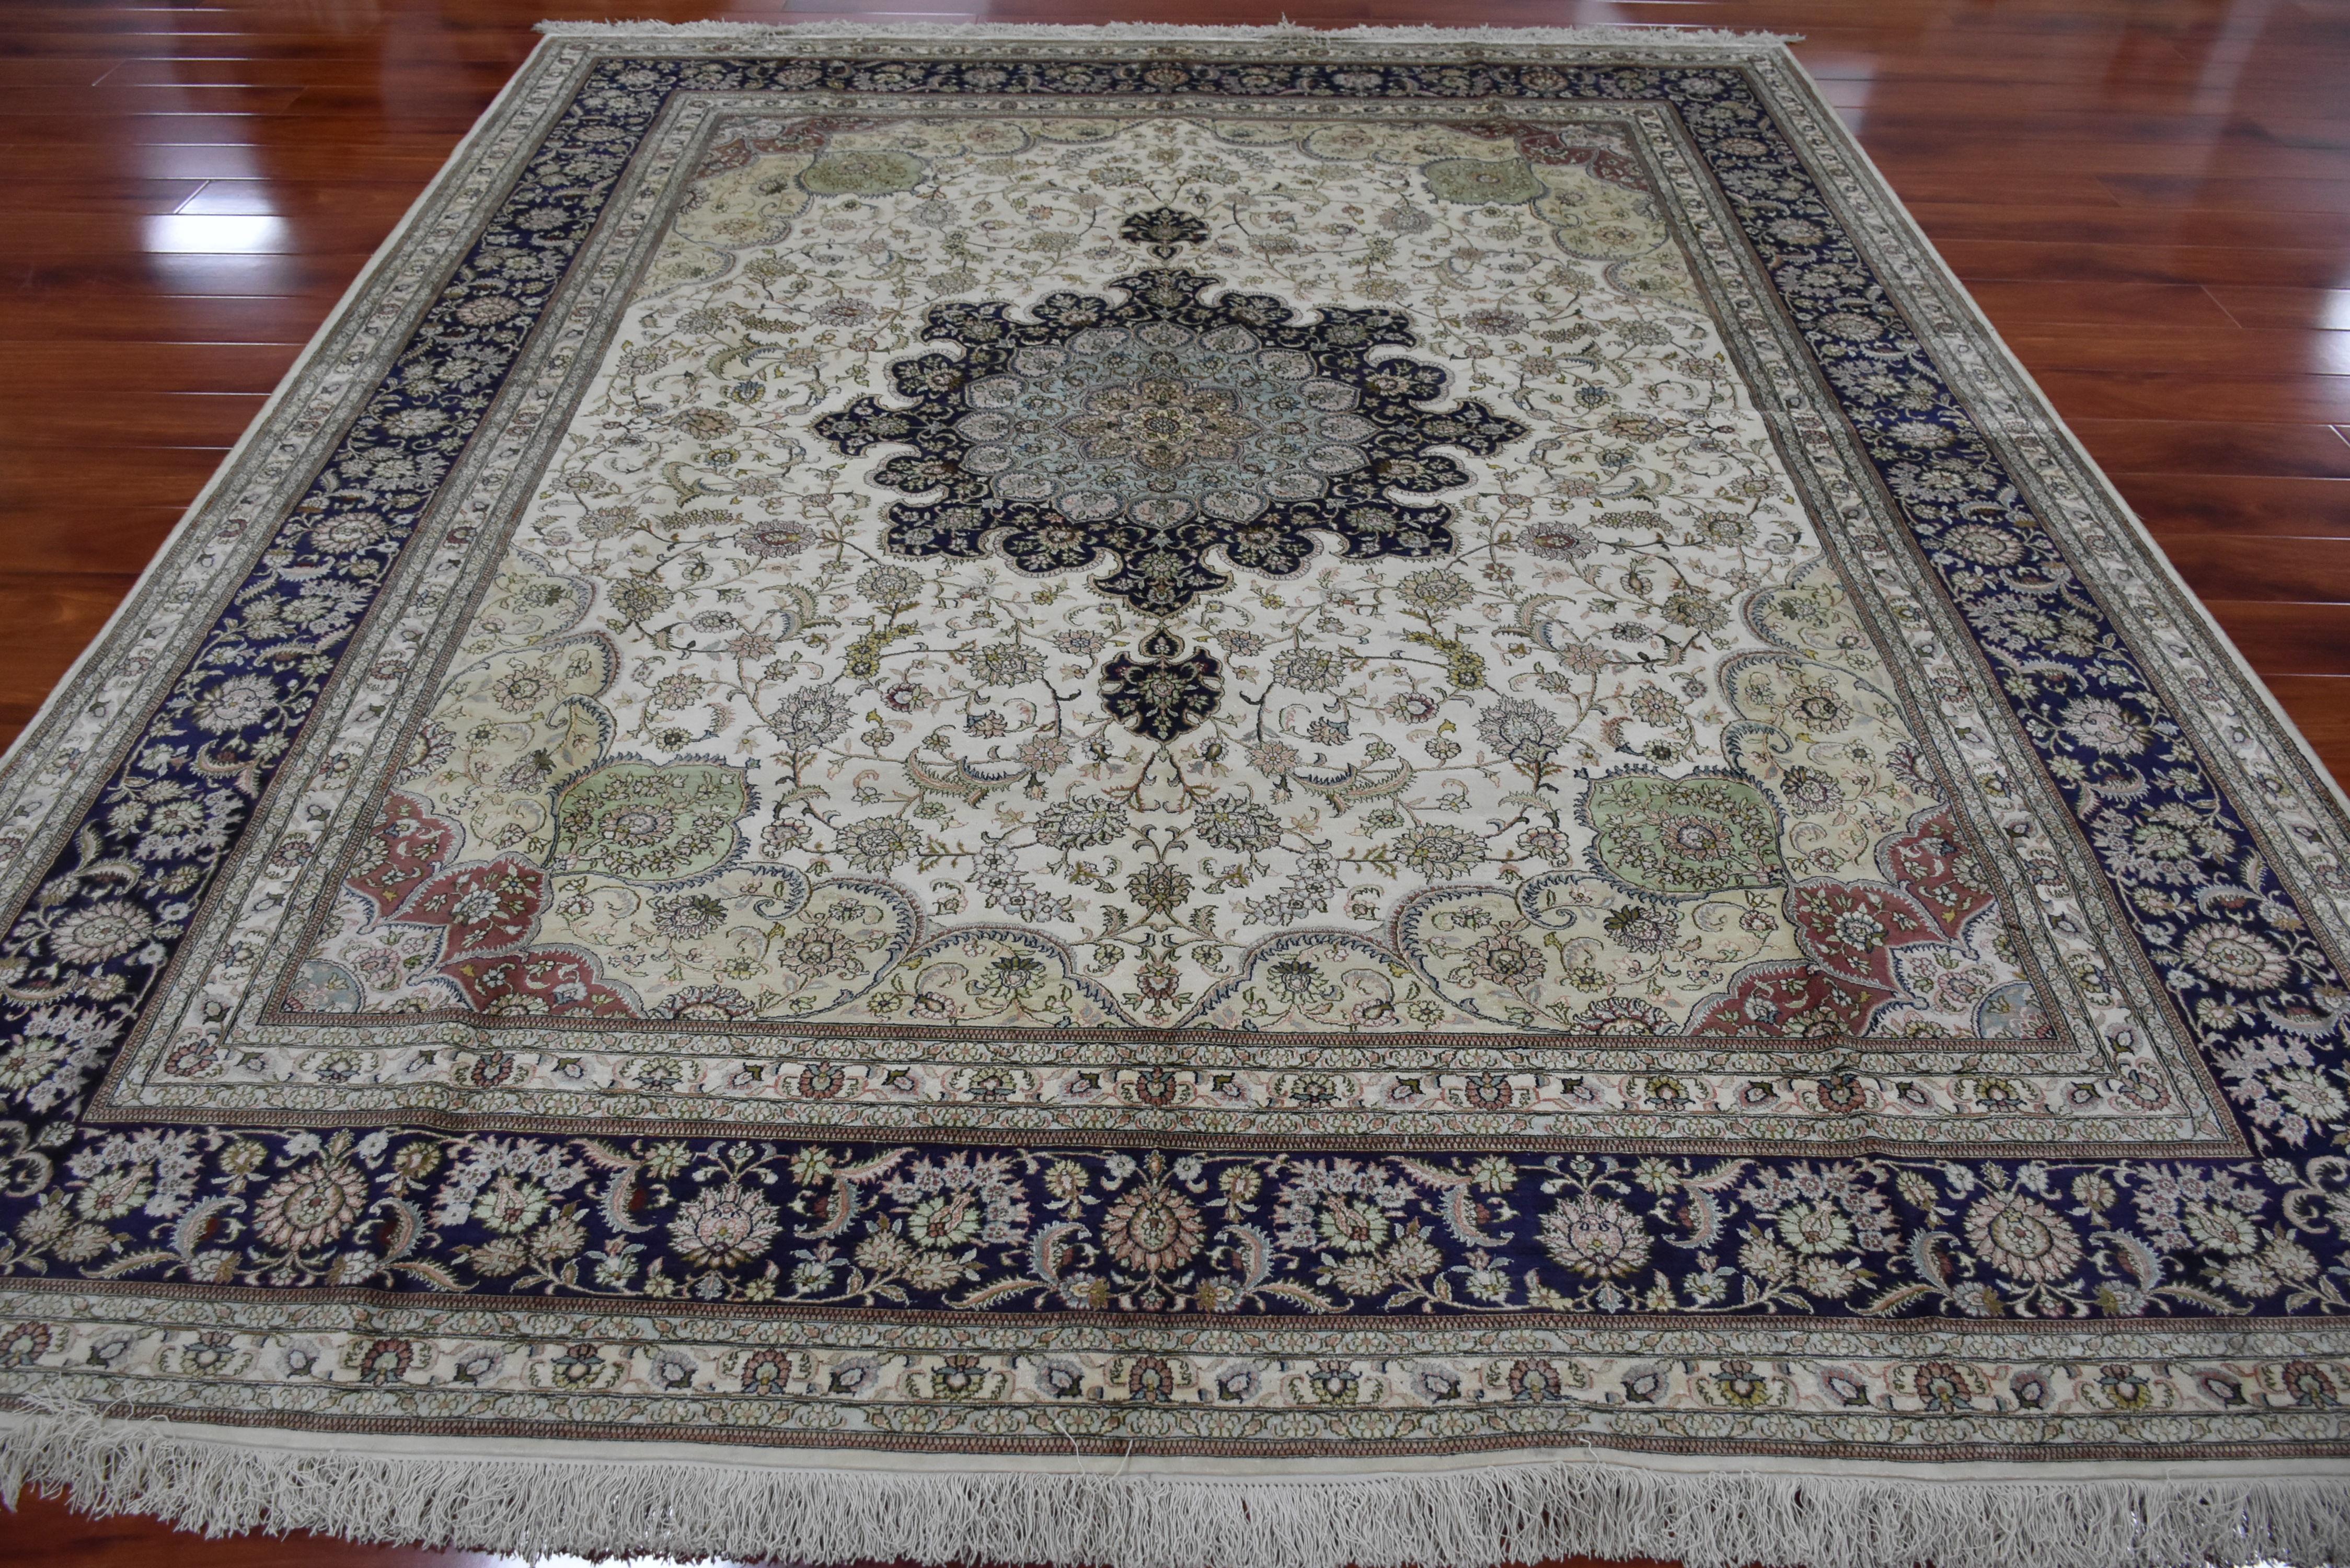 8'X10' alfombra azul hecha a mano de seda persa alfombra de Área Oriental mediana